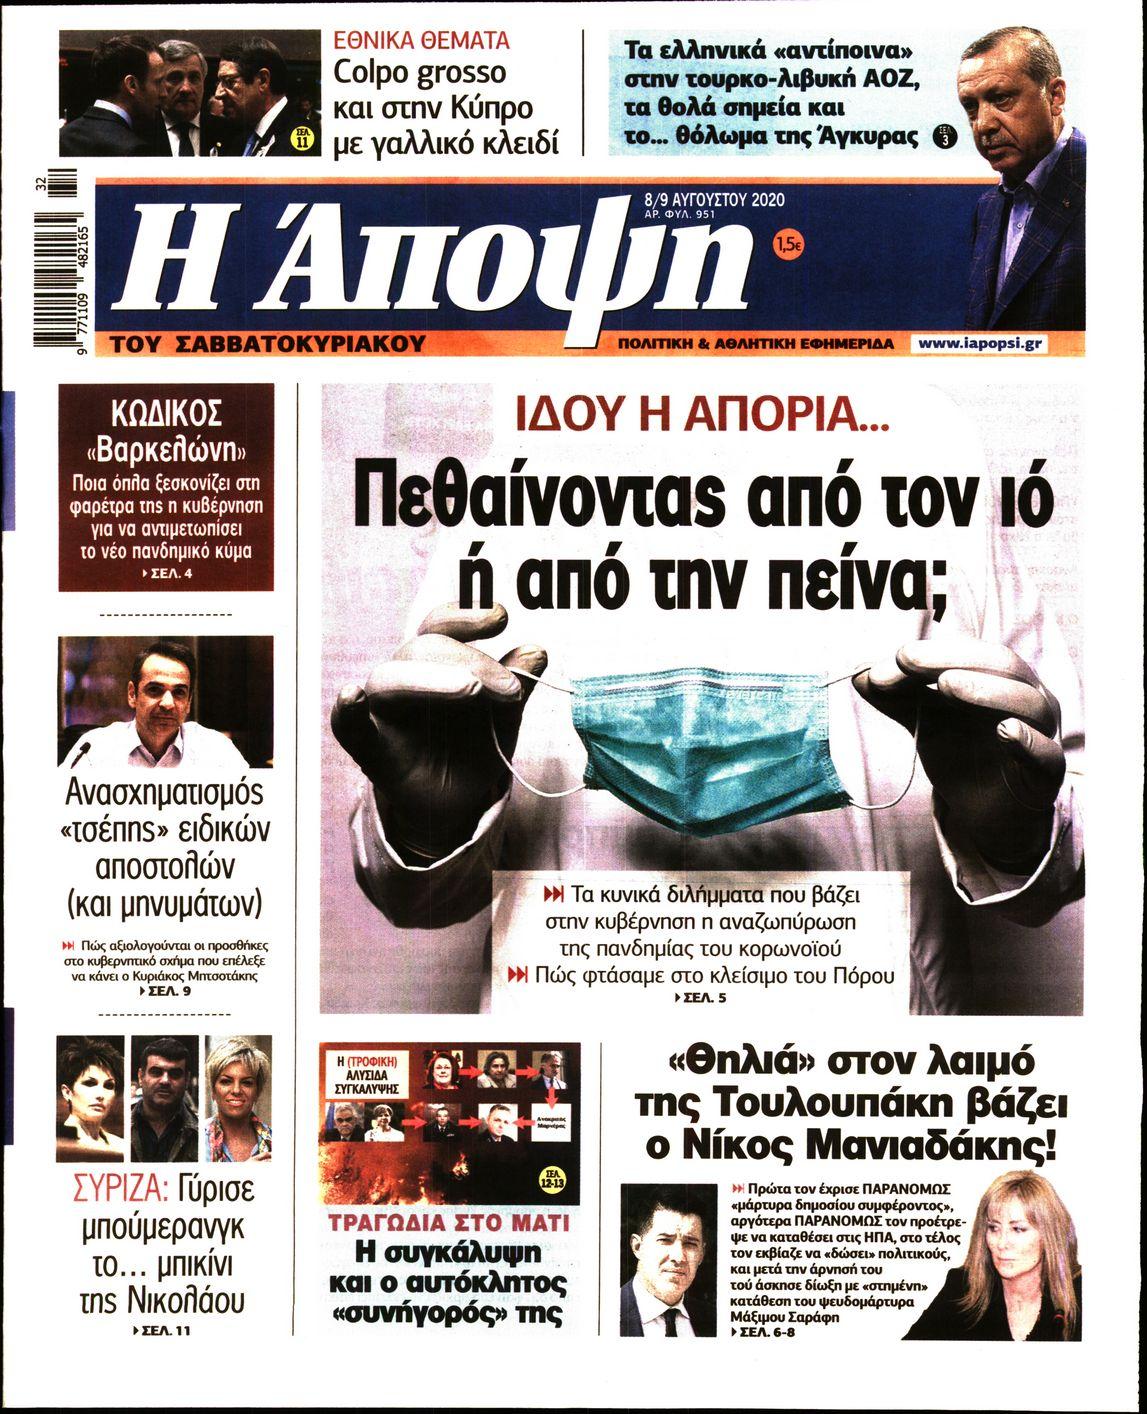 https://www.newsbeast.gr/files/1/newspapers/2020/08/08/27320628_1033.jpg